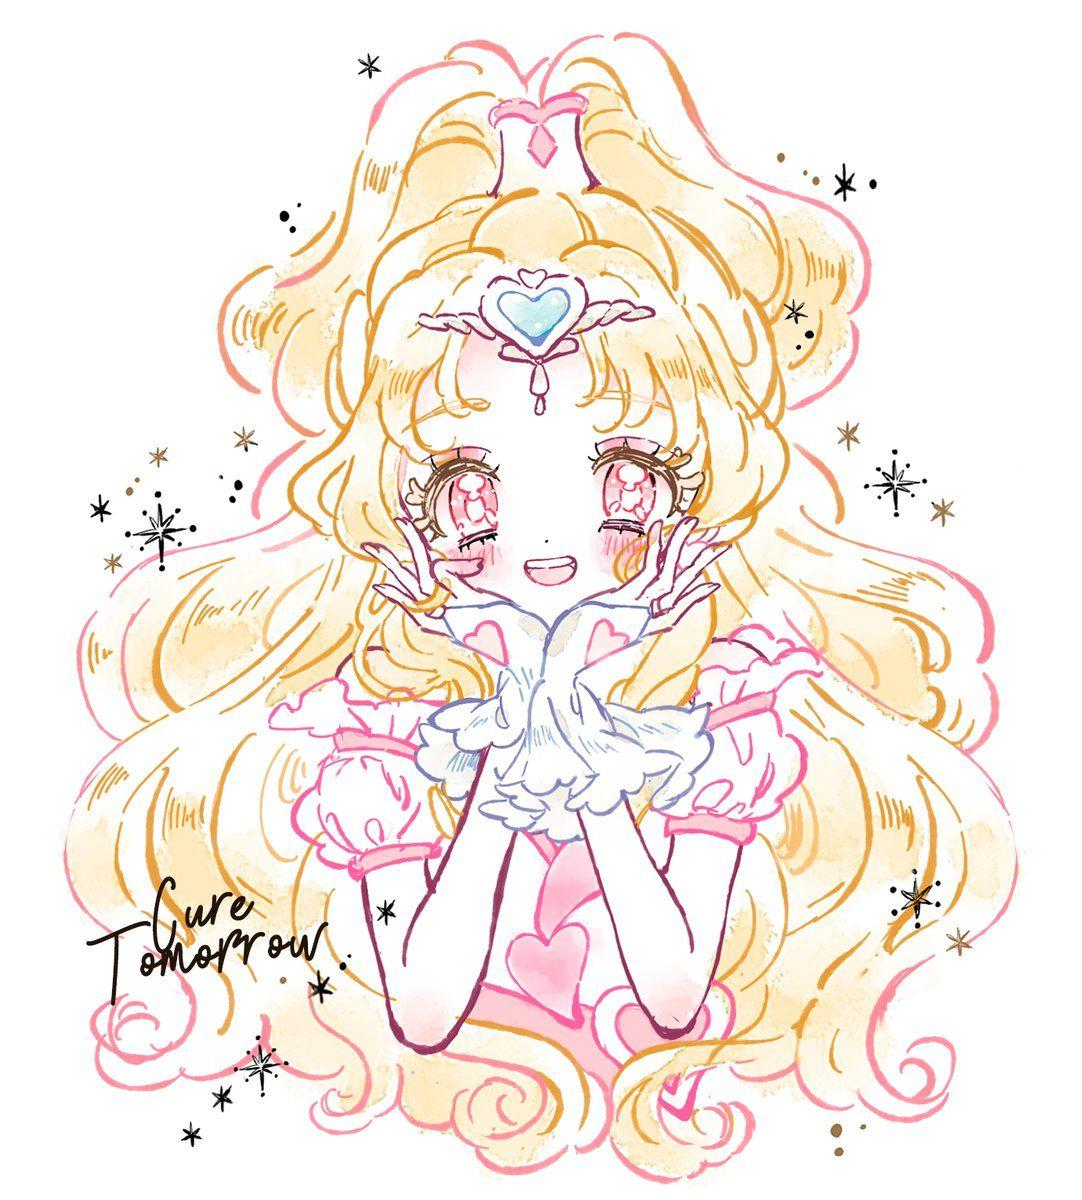 ゆーちょ🇺🇸 (Uuutyo) Twitter Anime, Anime images, Anime